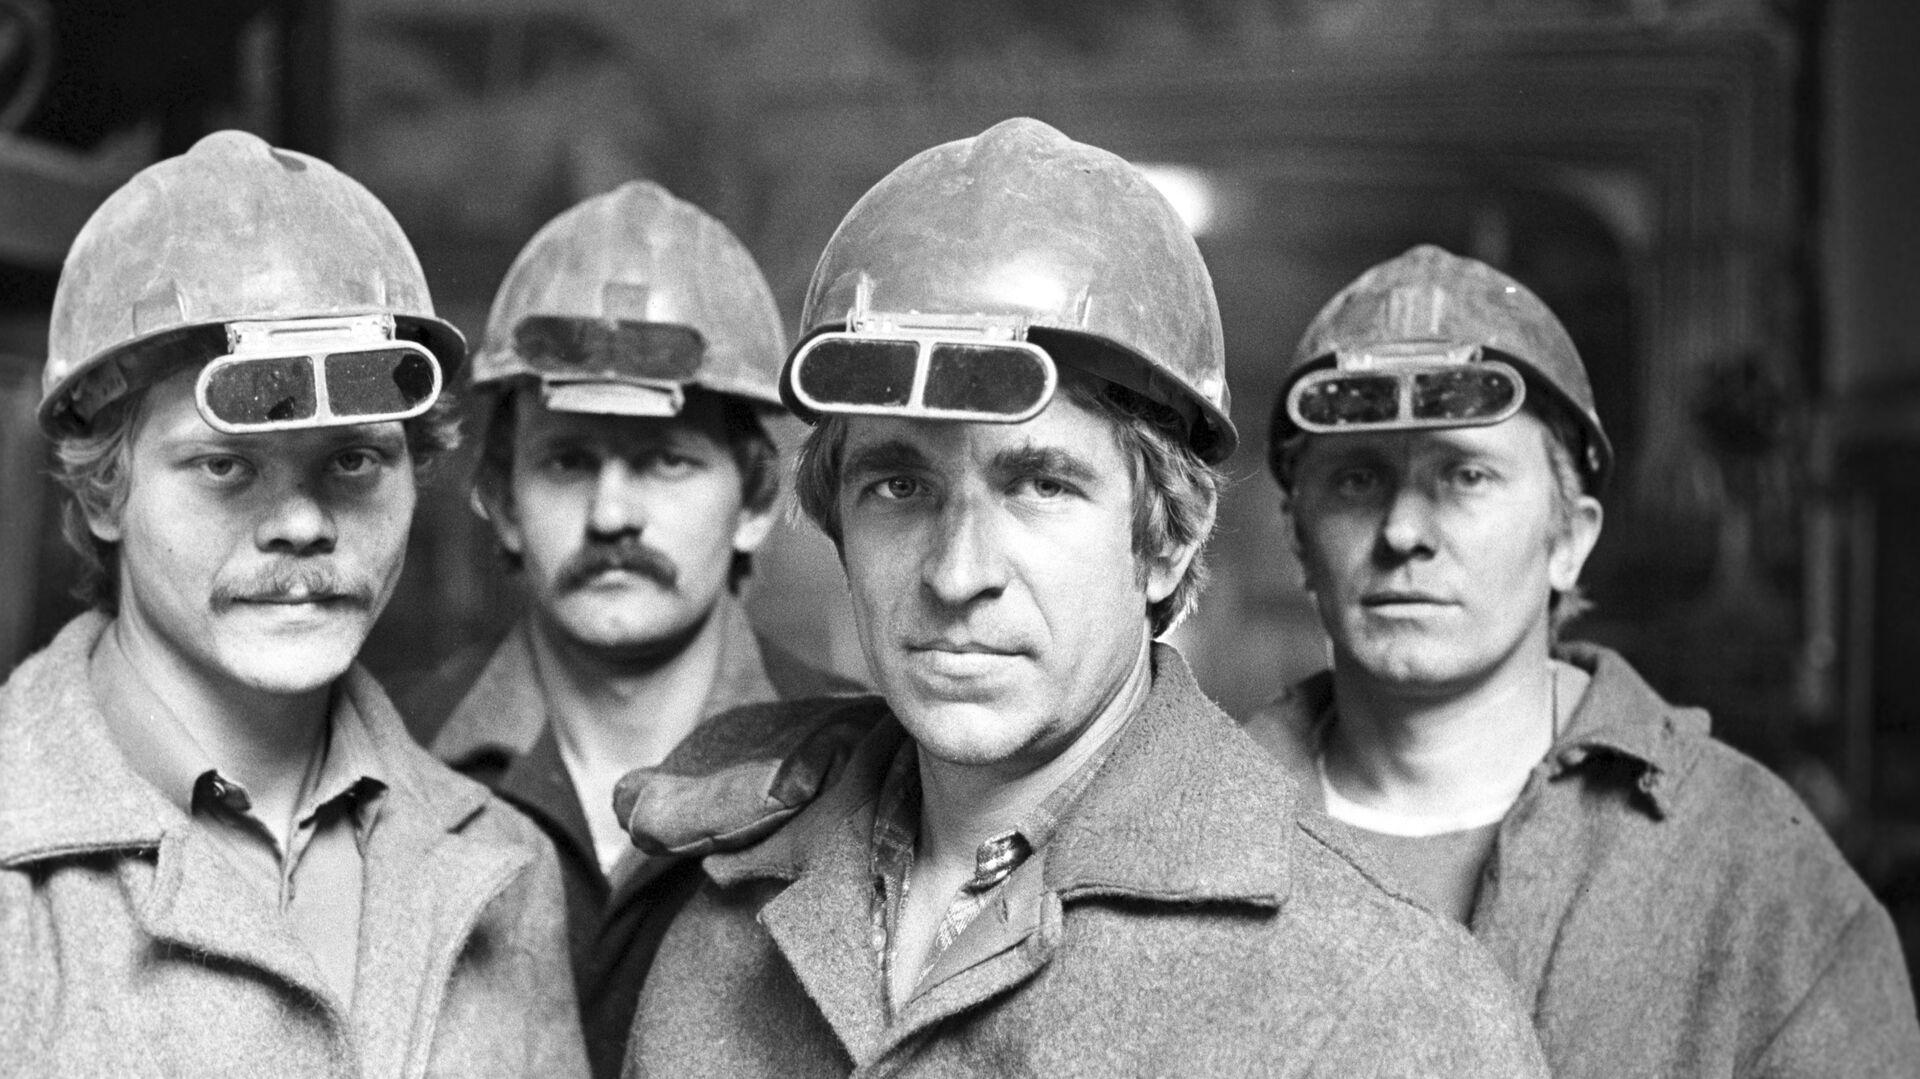 Obreros de una fábrica de producción de acero en Ucrania - Sputnik Mundo, 1920, 13.07.2021